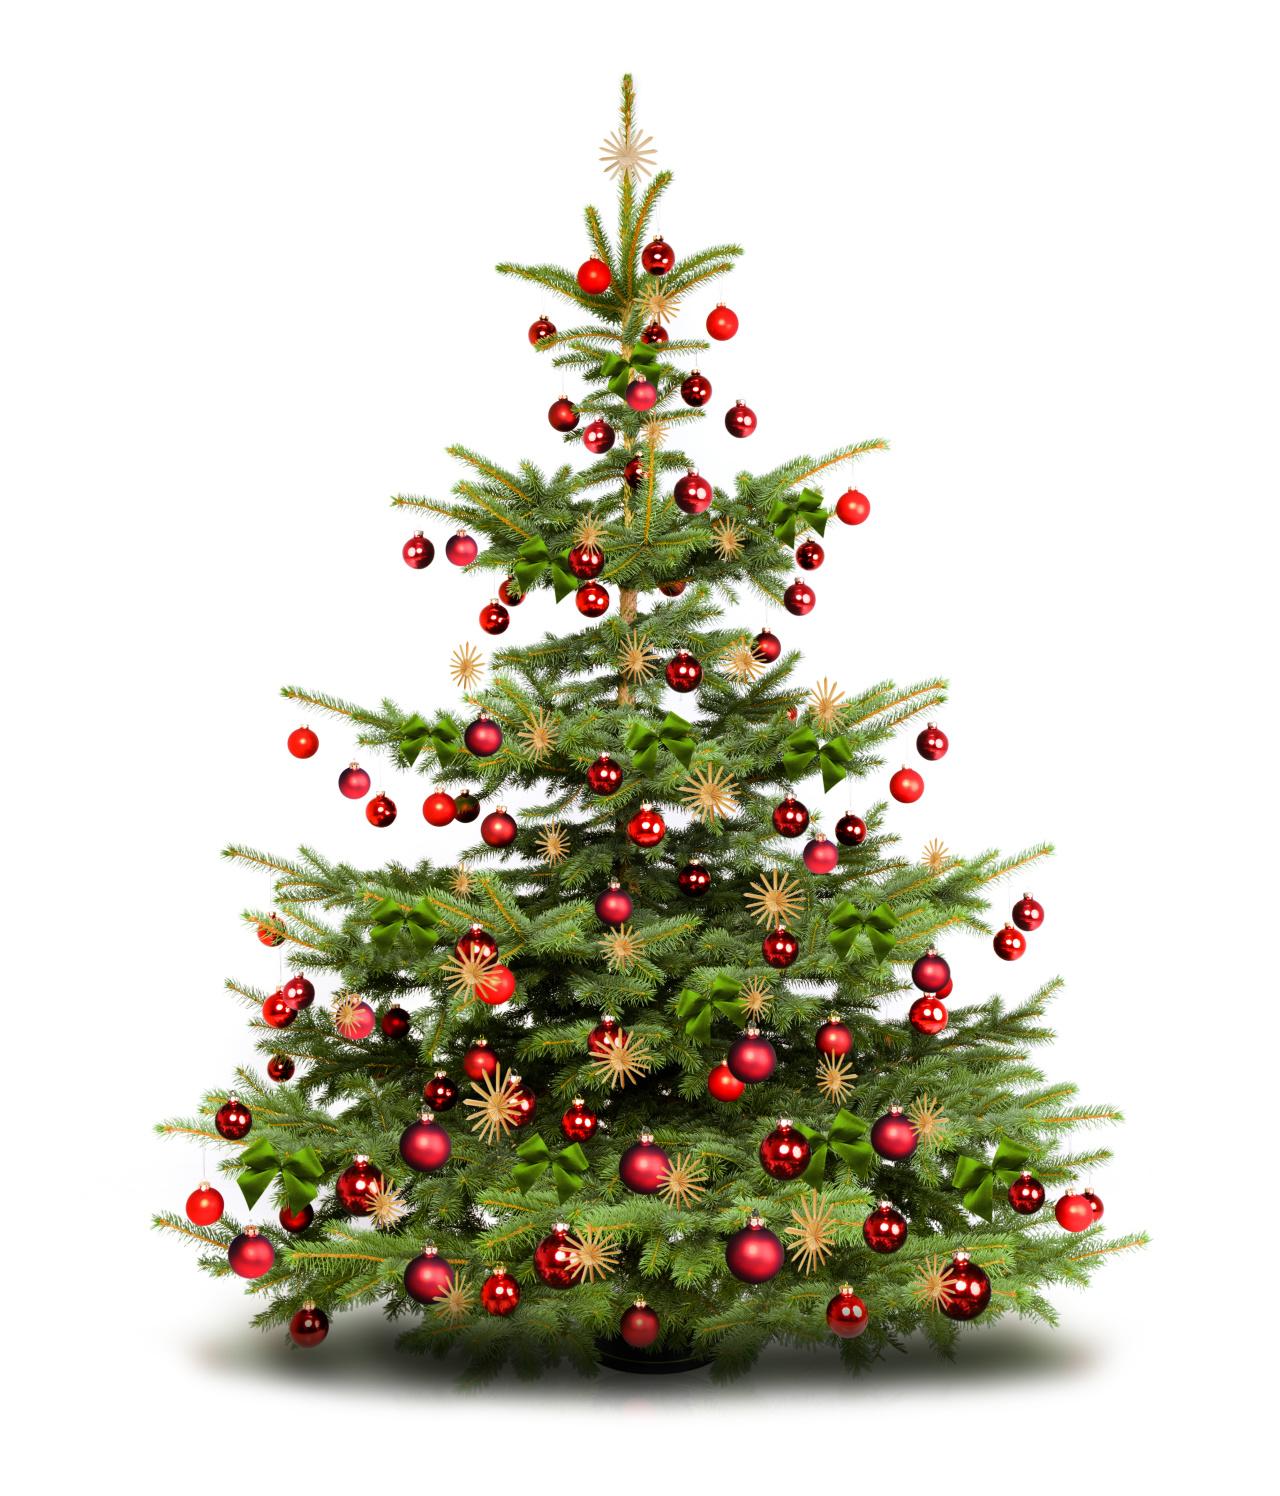 Weihnachtsbaum Ins Wasser Stellen